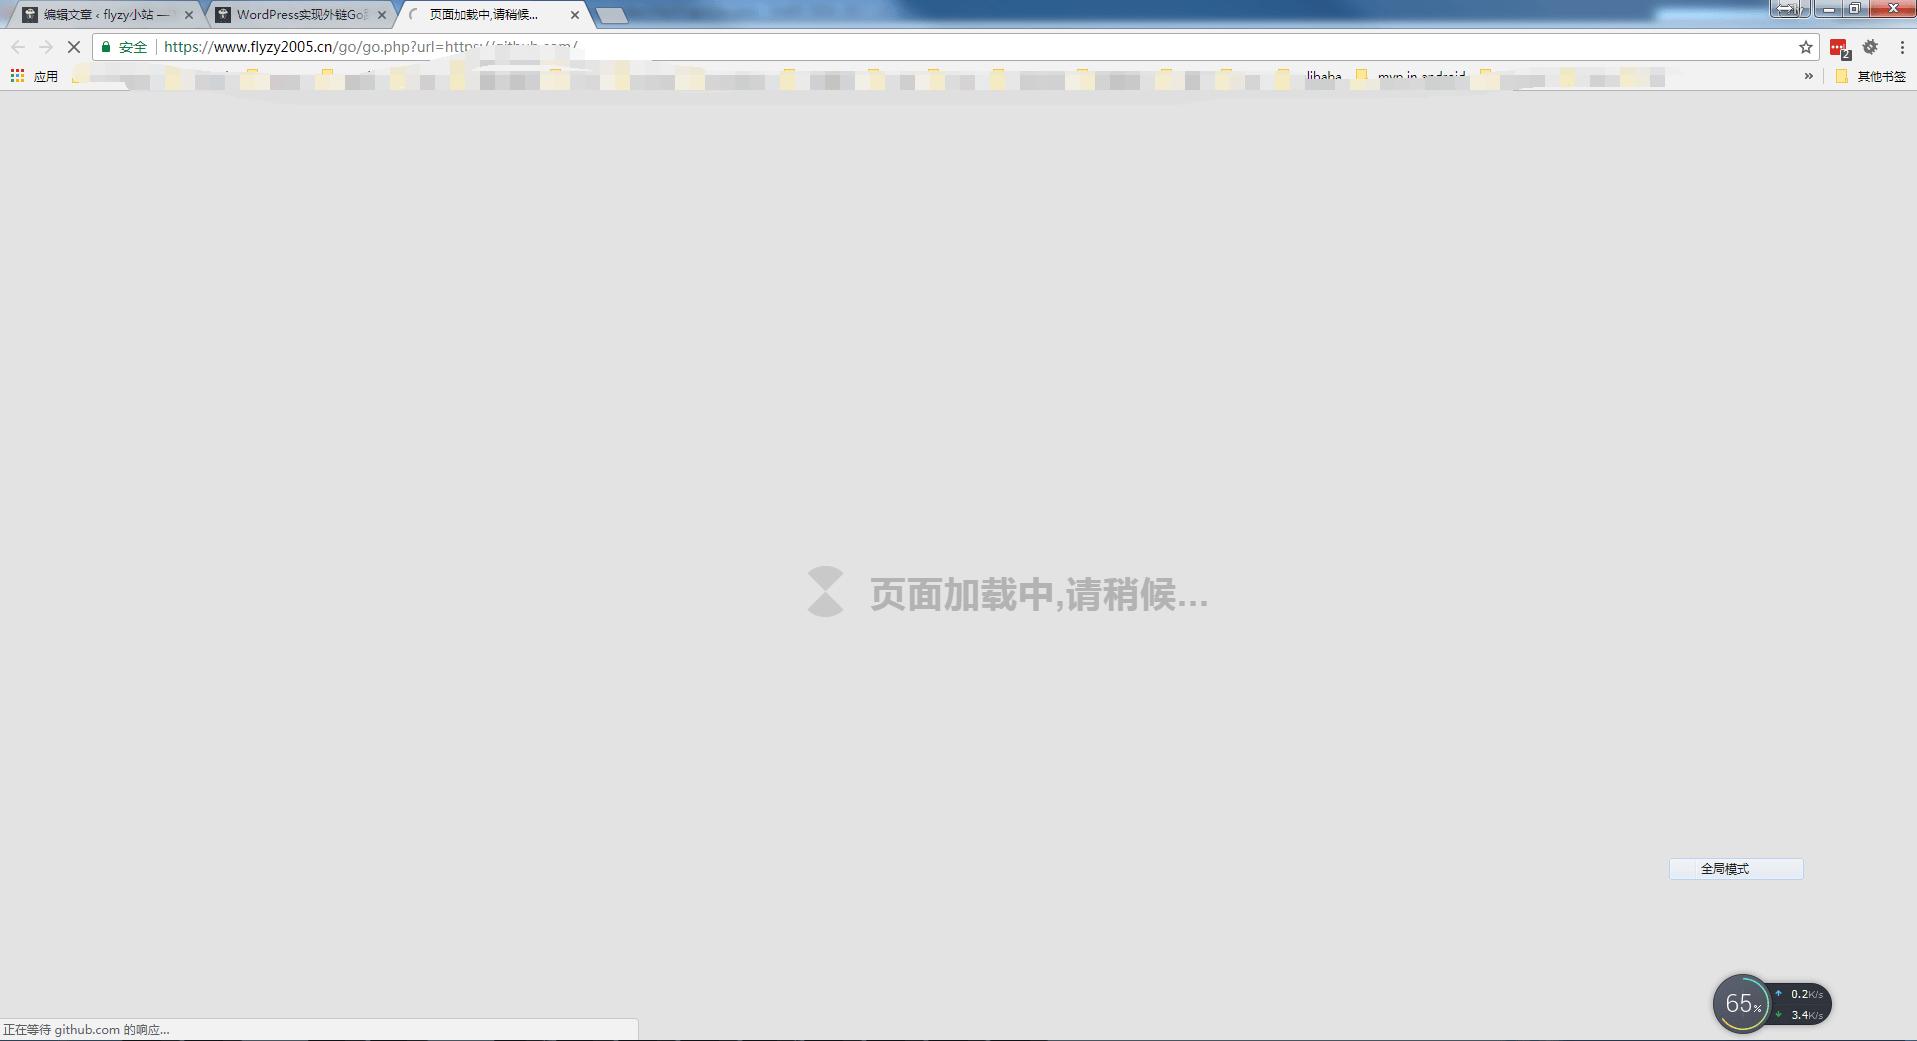 《WordPress实现外链Go跳转效果》